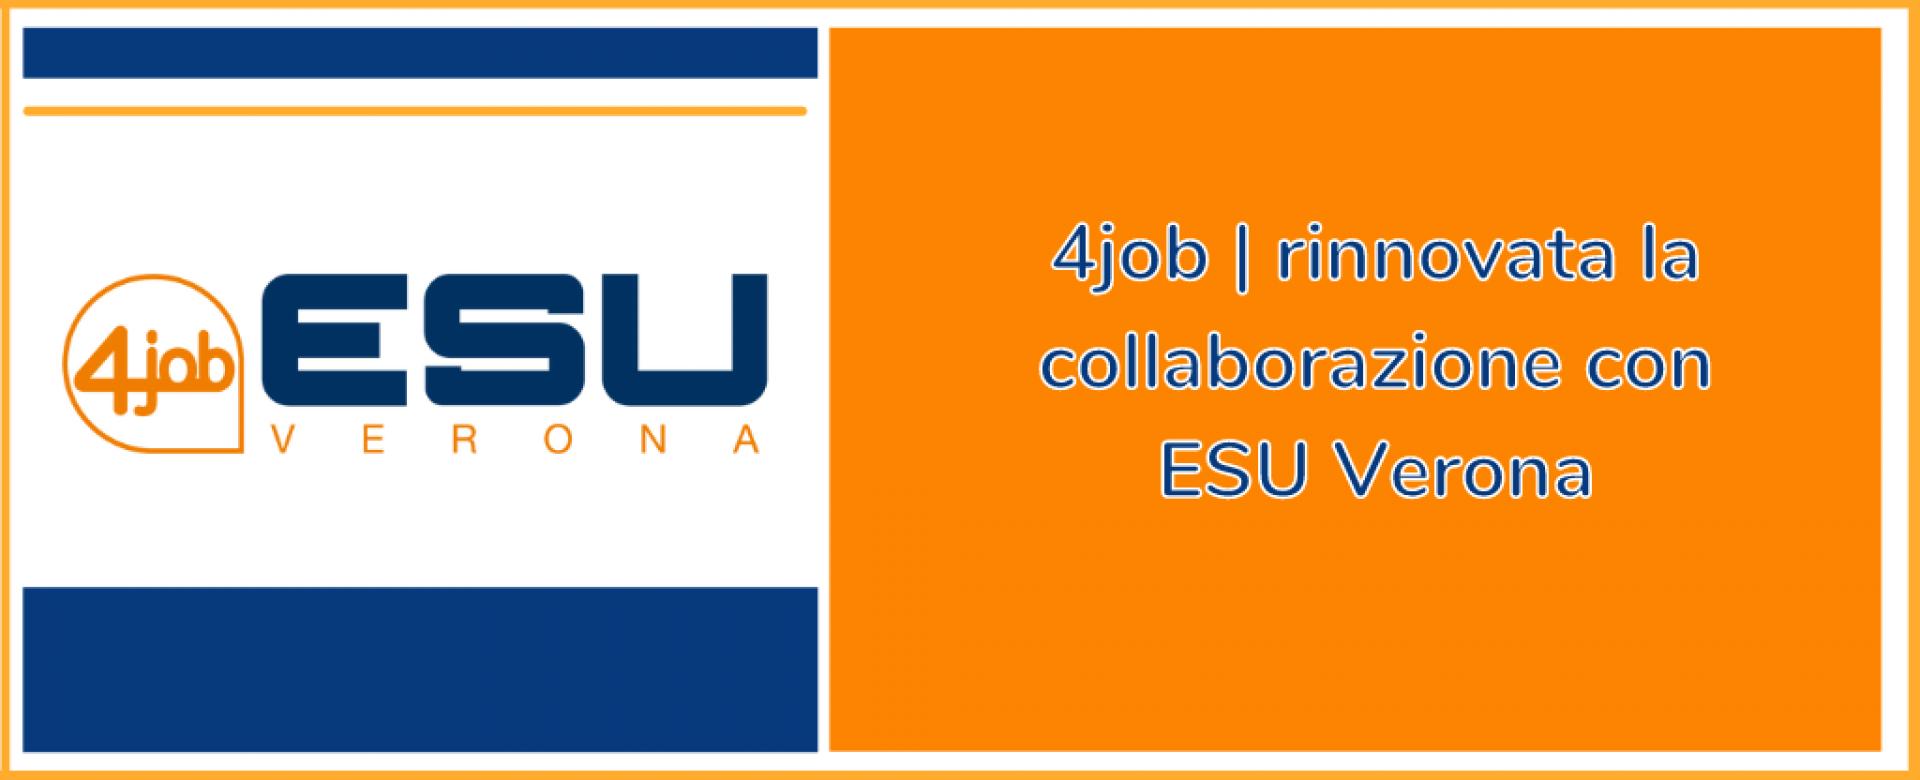 10.09.2021 - 4job | rinnovata la collaborazione con ESU Verona